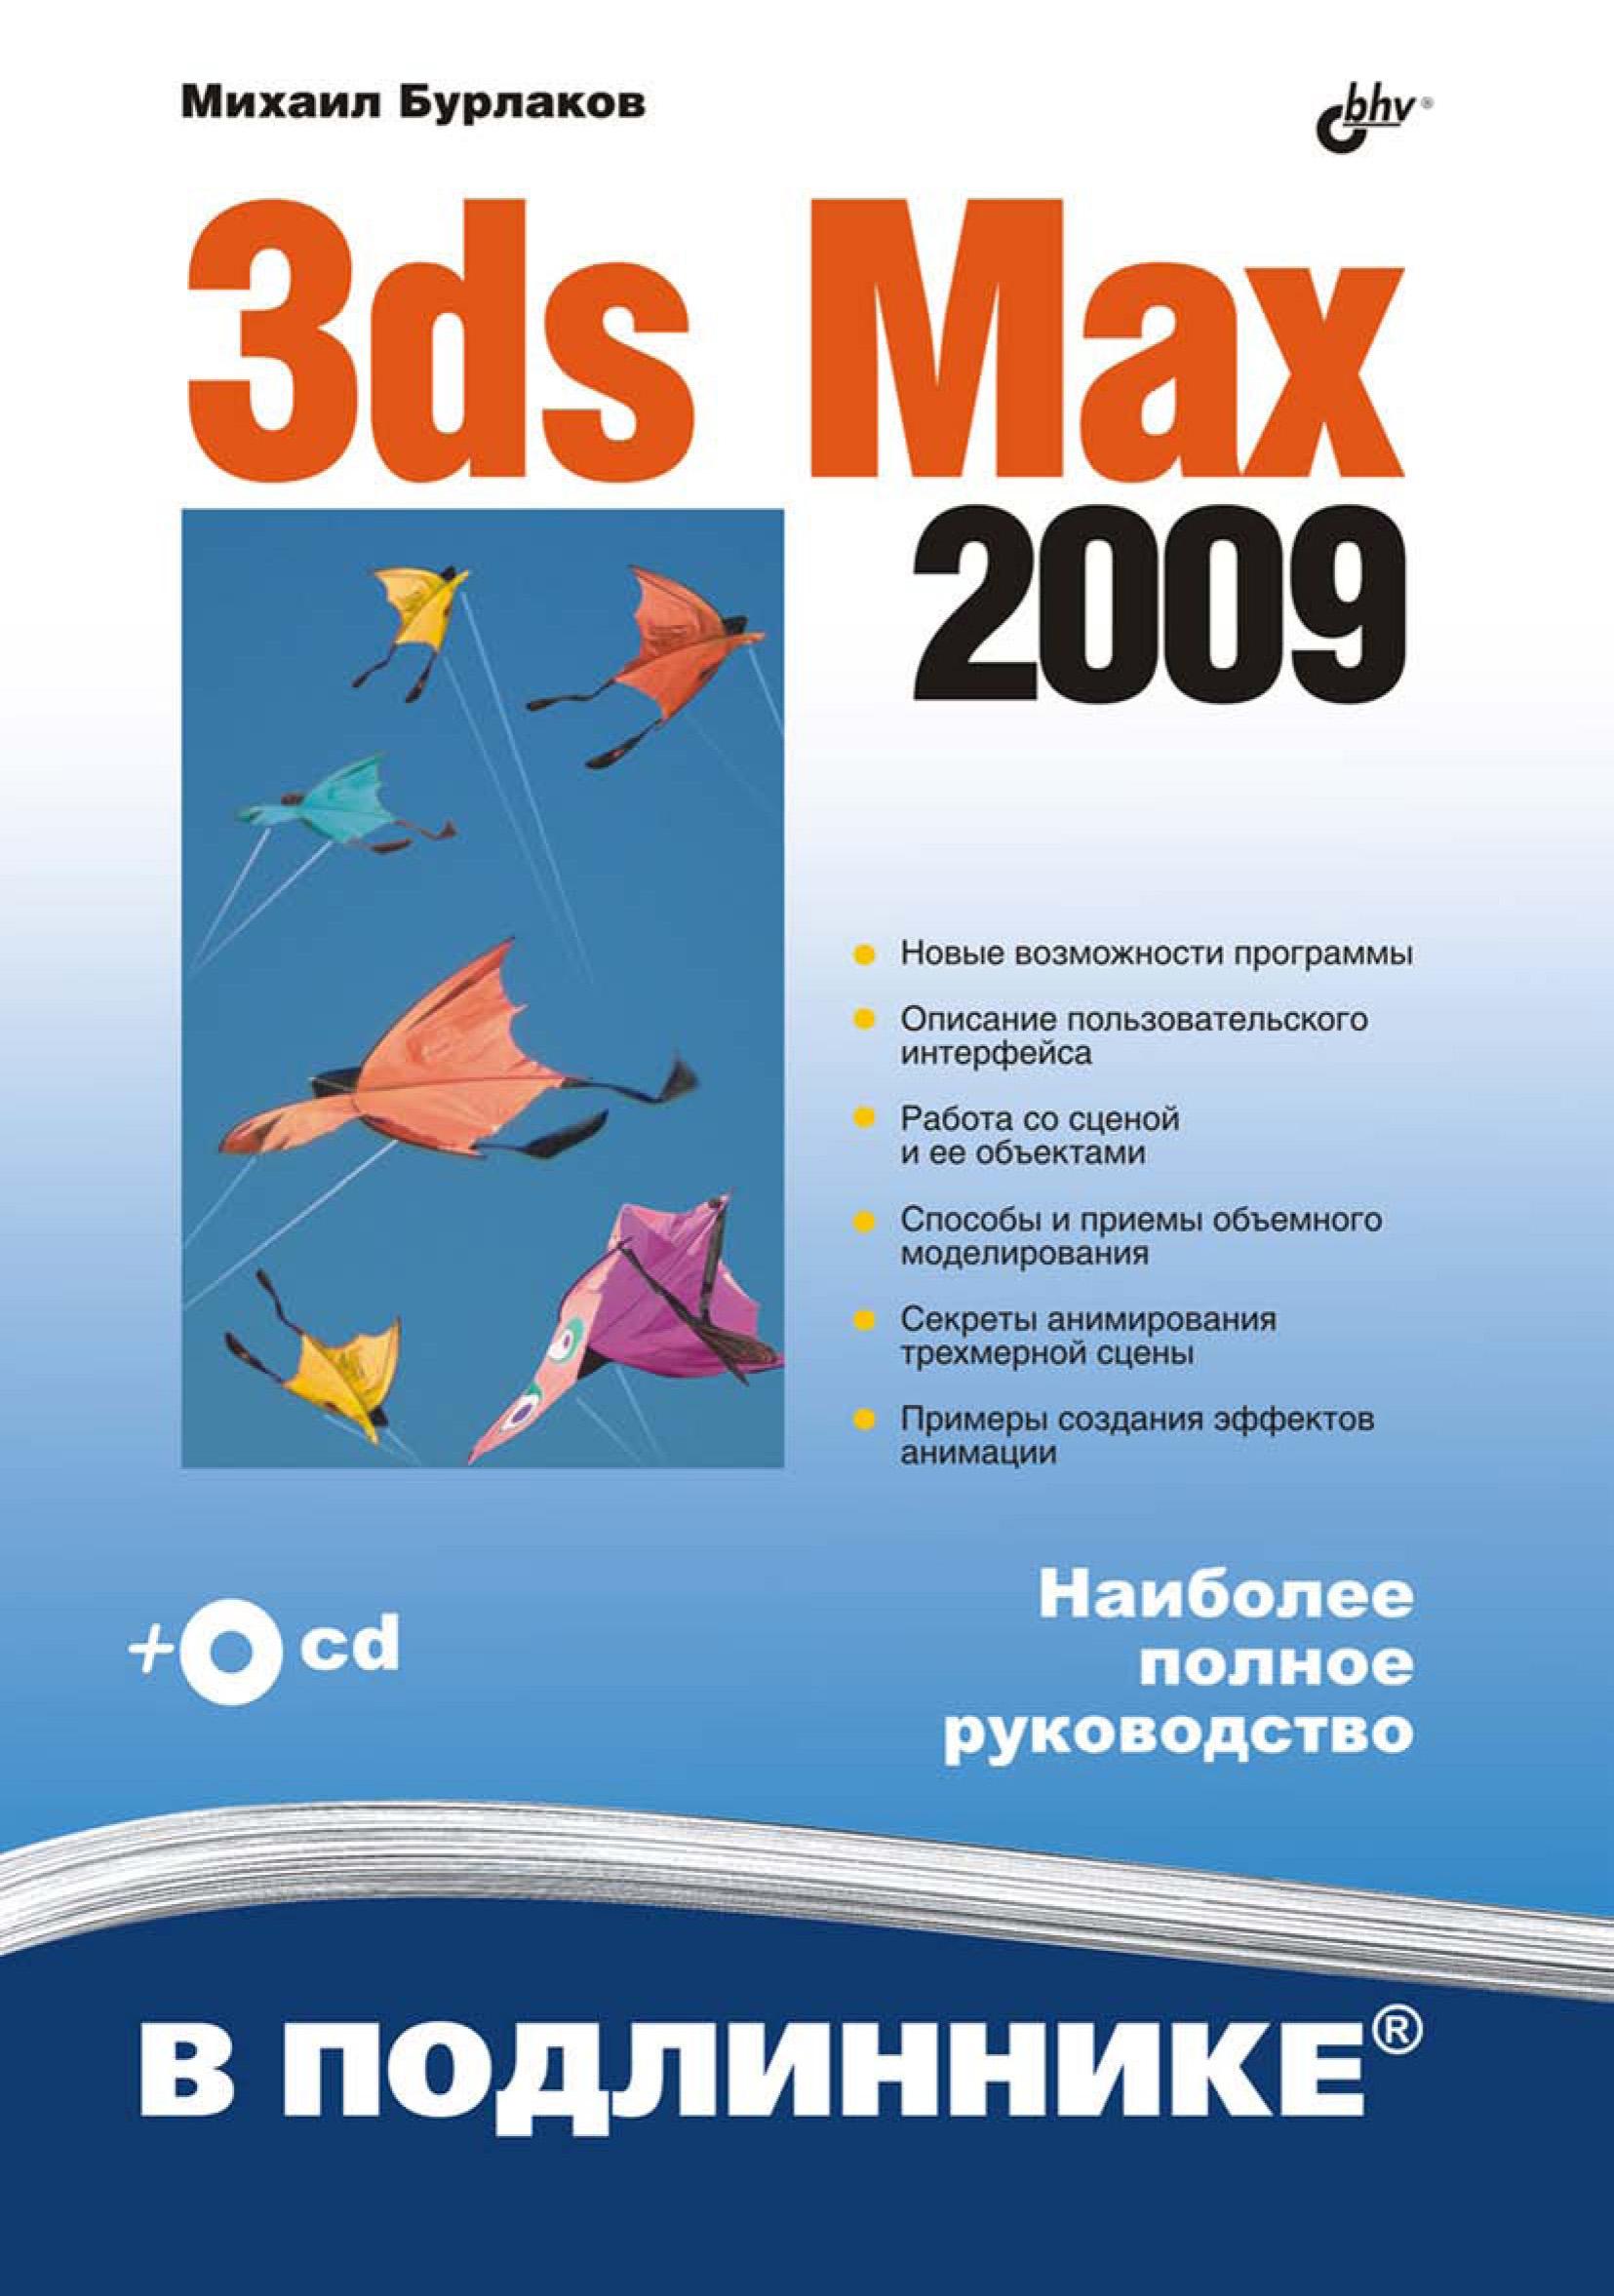 цена на Михаил Бурлаков 3ds Max 2009